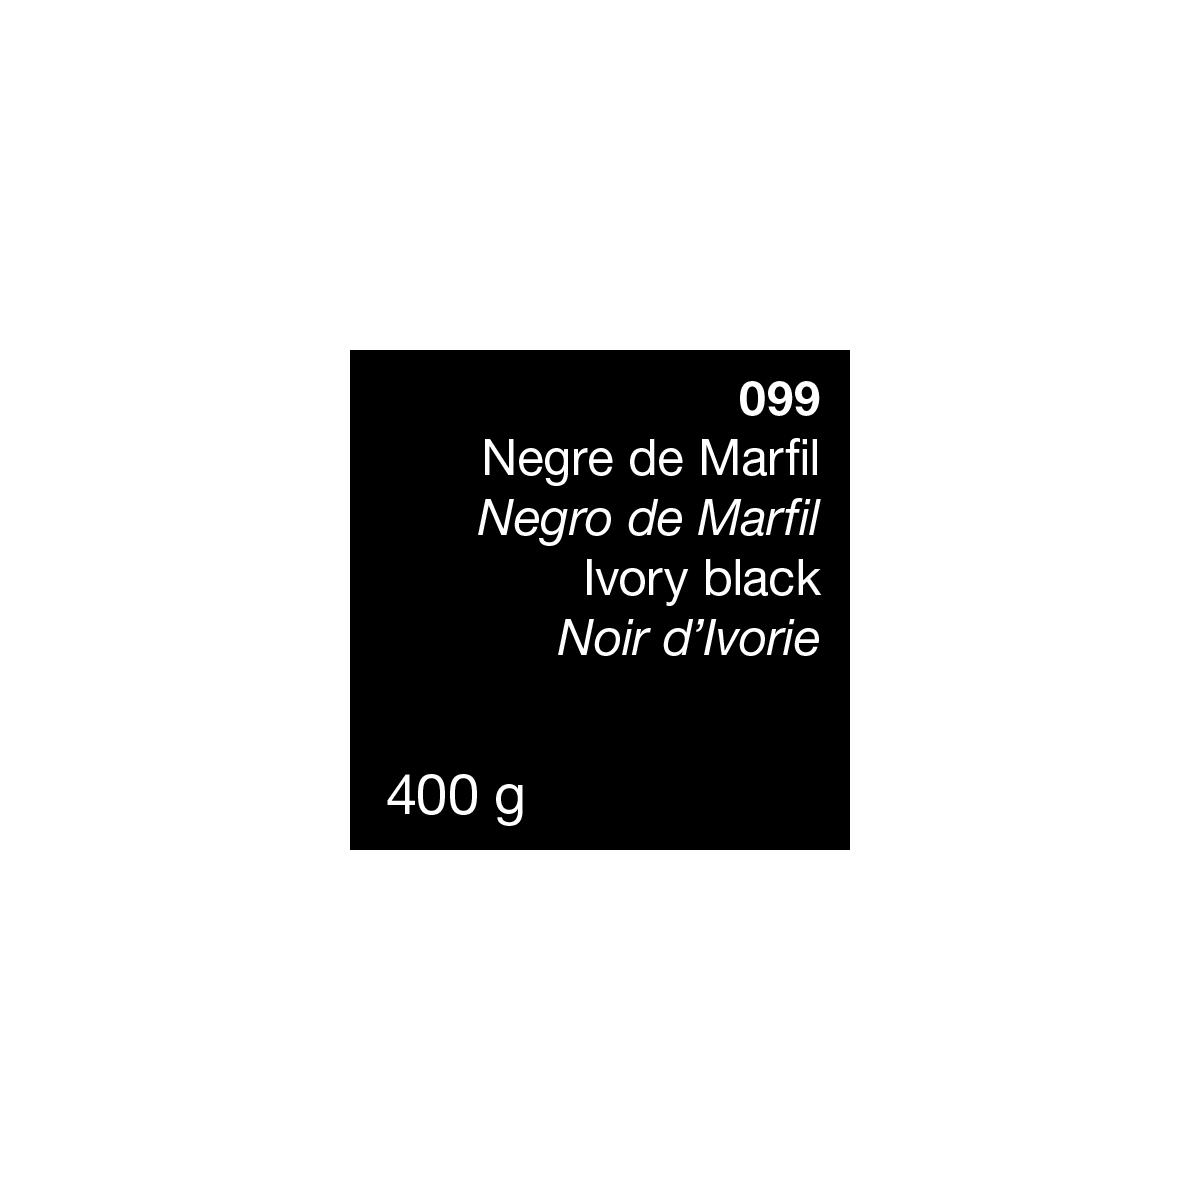 PIGMENTO NEGRO MARFIL DALBE...